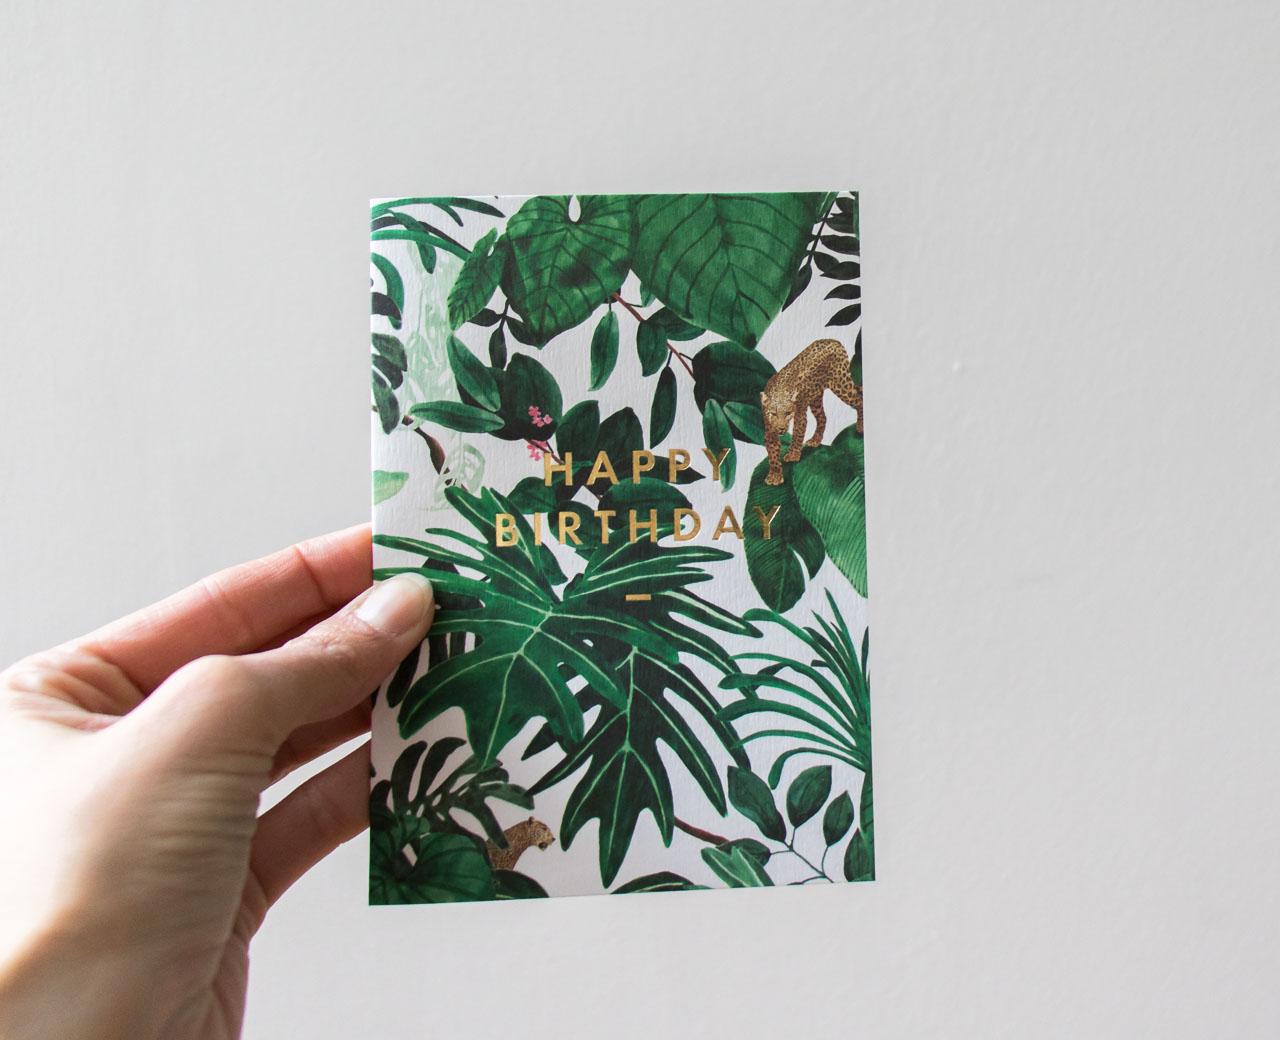 Carte d'anniversaire jungle - Maison Mathuvu